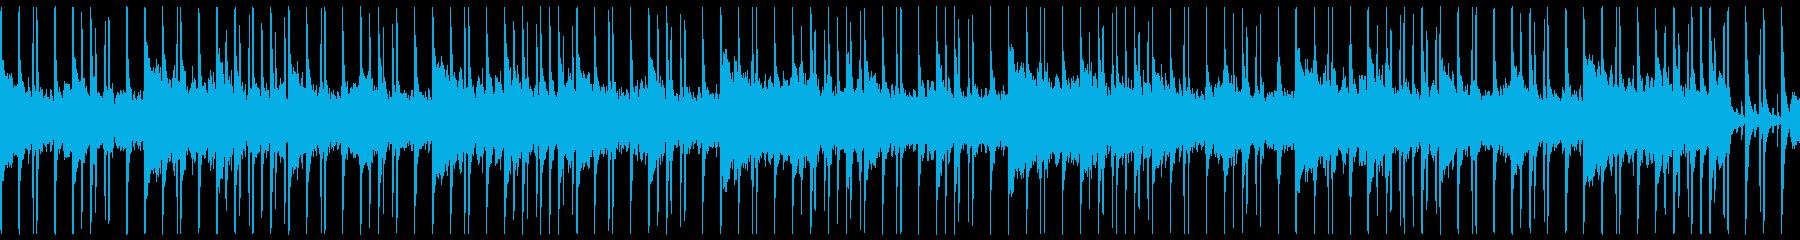 【ベース抜き】おしゃれでメロディレスな…の再生済みの波形